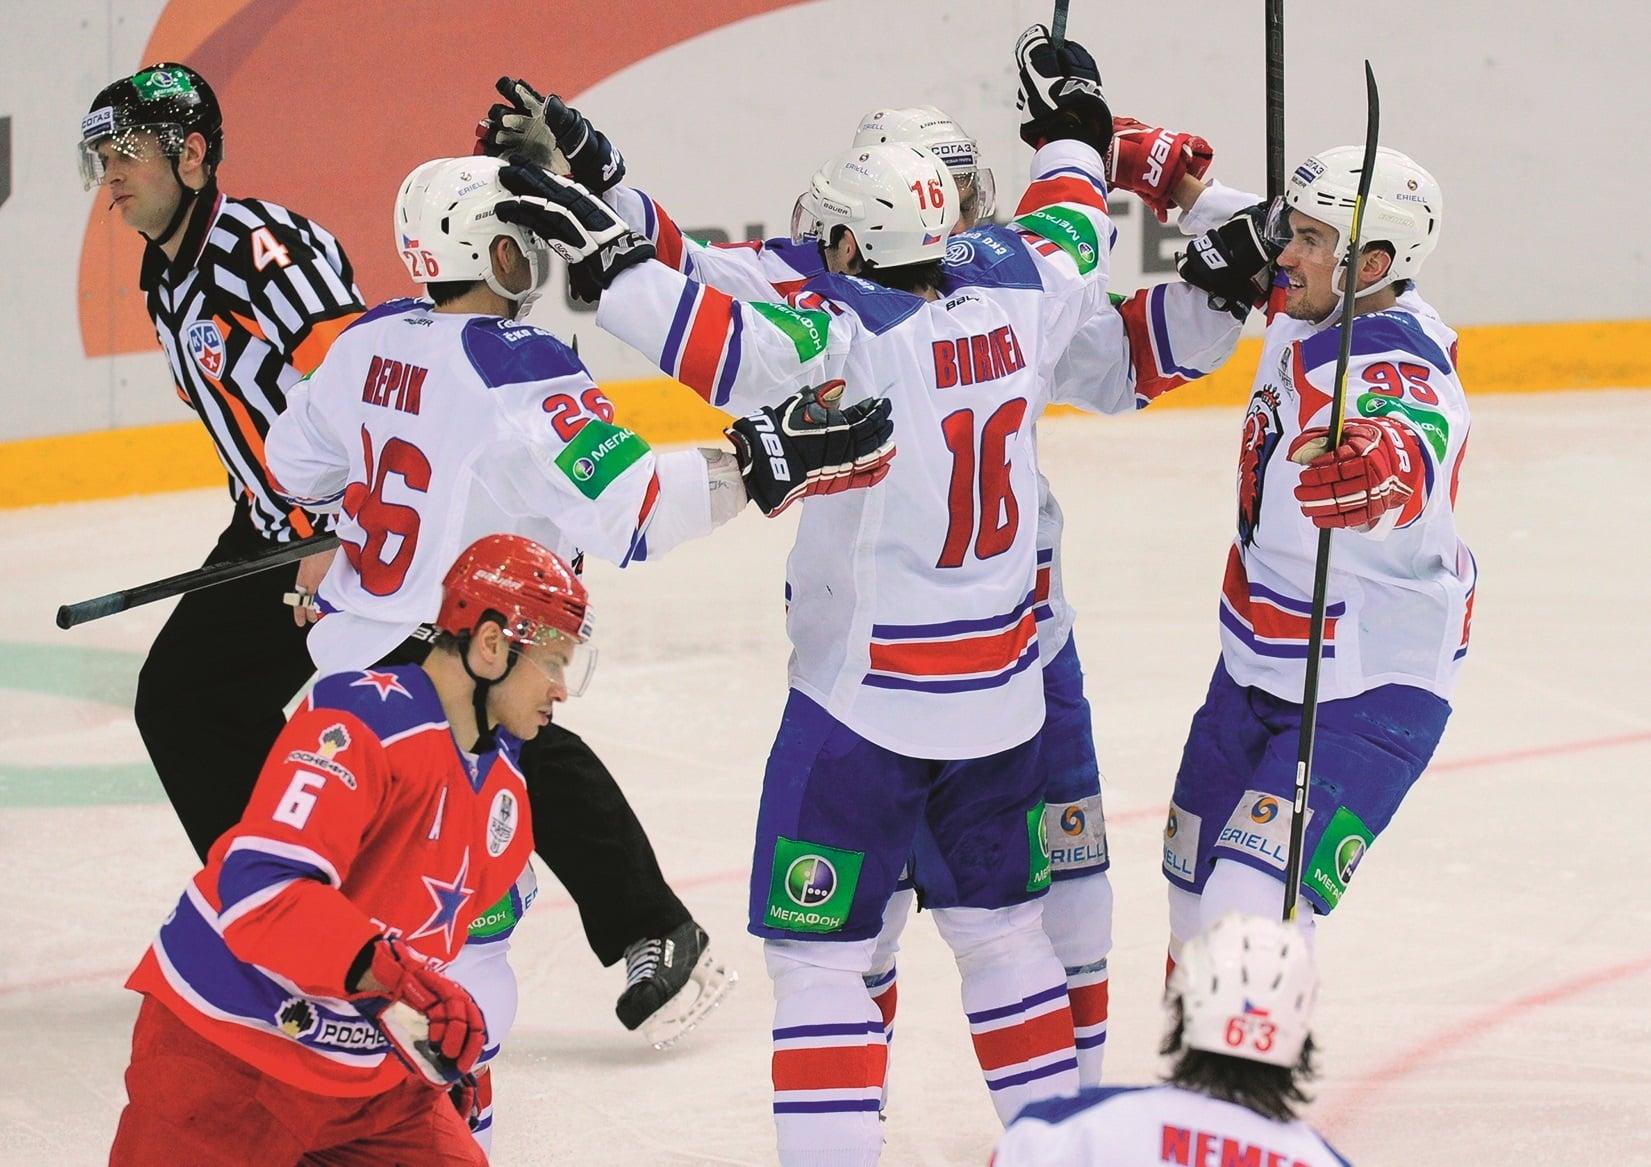 Какие чемпионаты по хоккею легче поддаются анализу, по мнению профессионалов